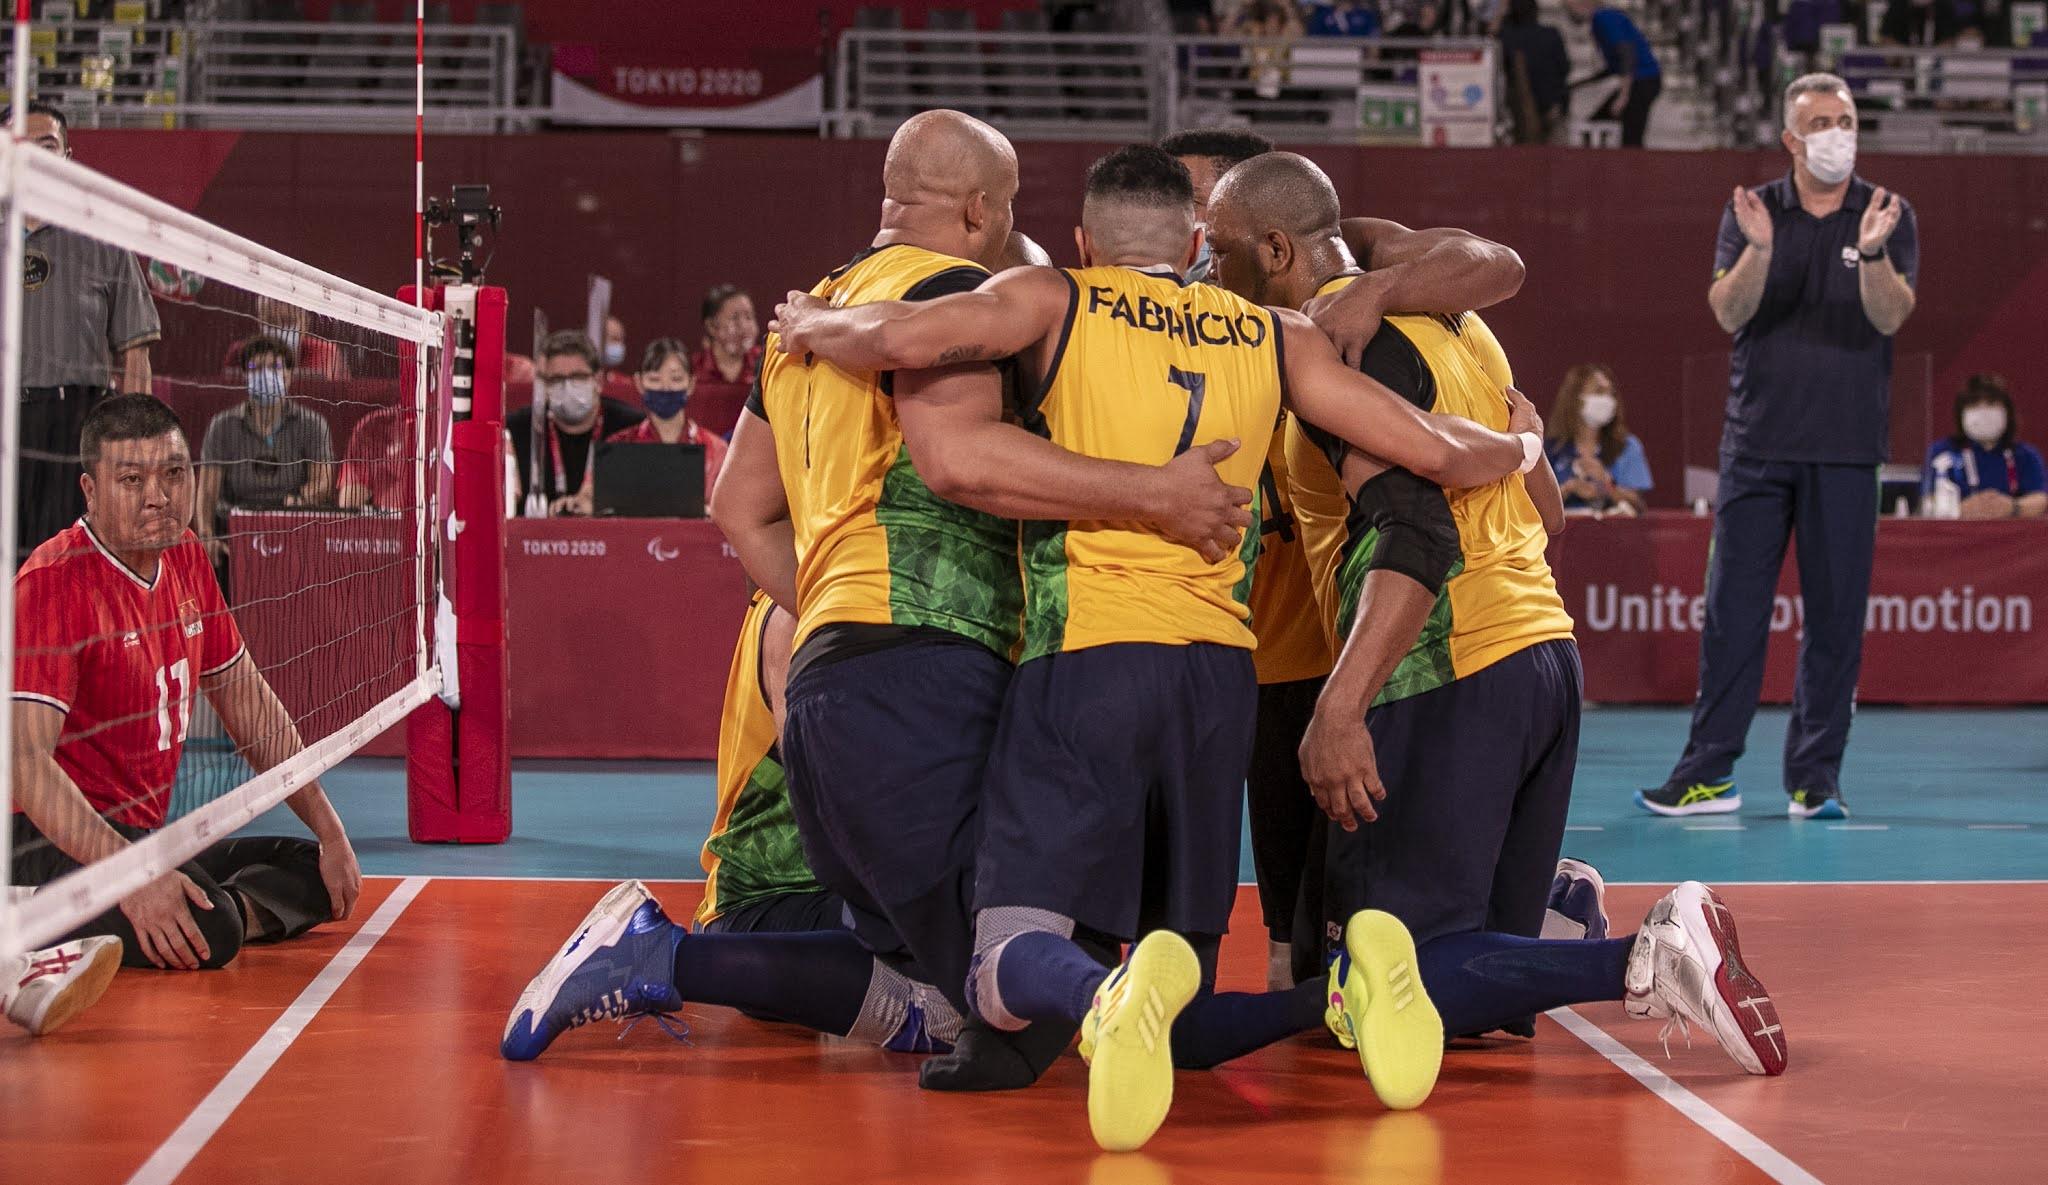 Os jogadores do Brasil, vestidos de amarelo, se abraçam no meio da quadra em comemoração a um ponto. São seis jogadores, que estão numa quadra de piso laranja. O jogador Fabrício, com a camisa número sete, aparece no meio da imagem